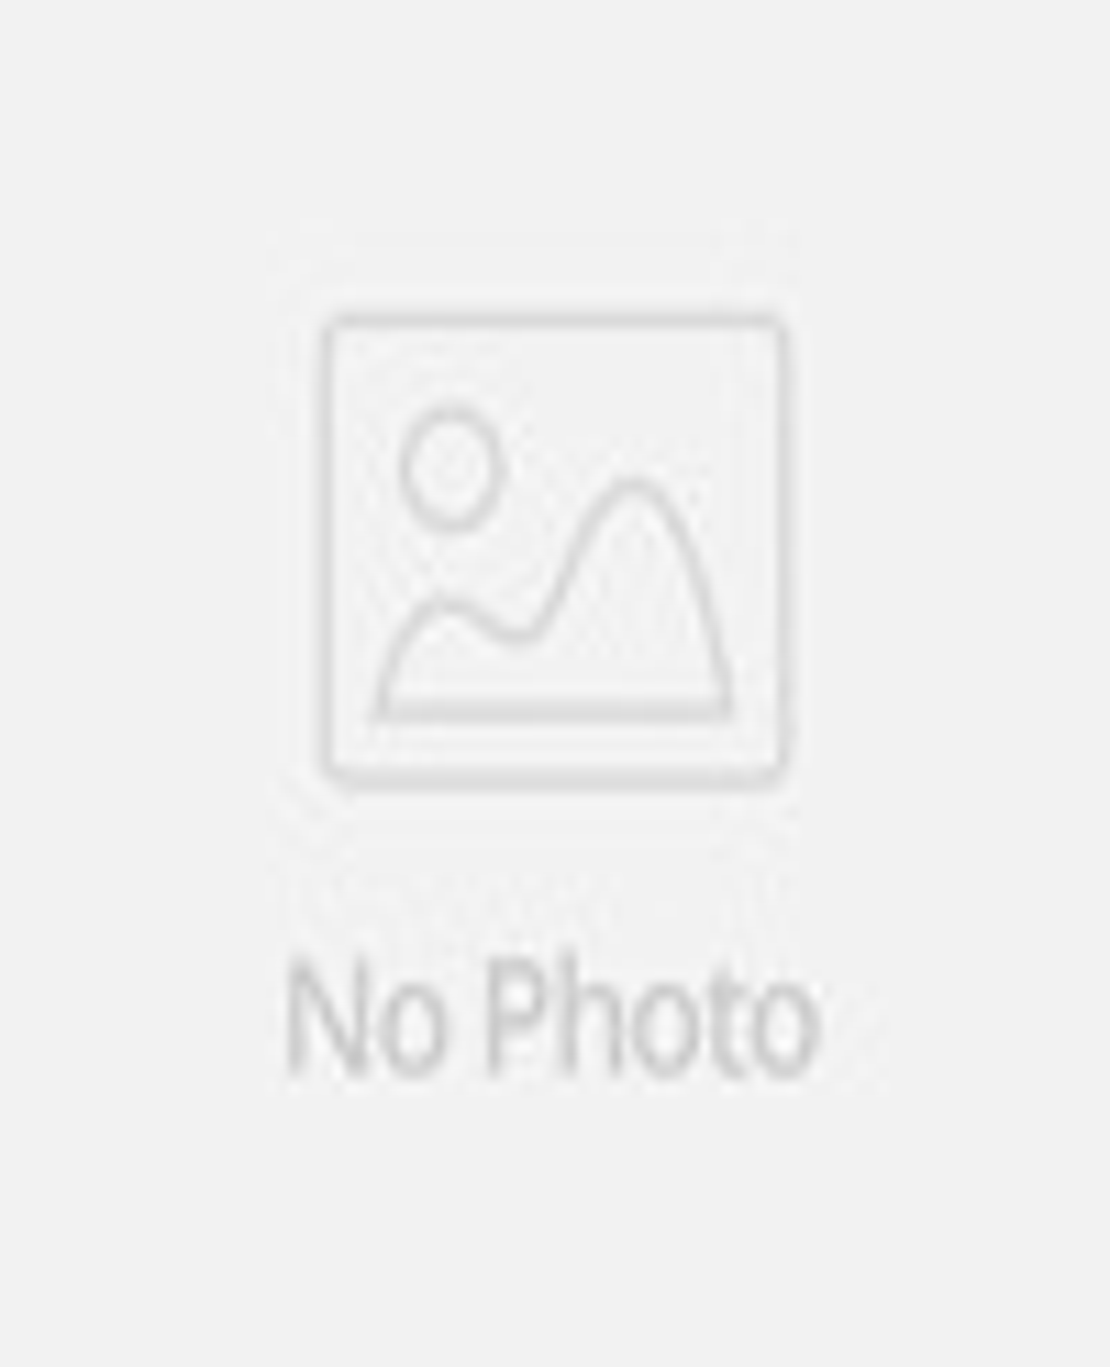 latest design jeans pants  man Jeans For Men 2014